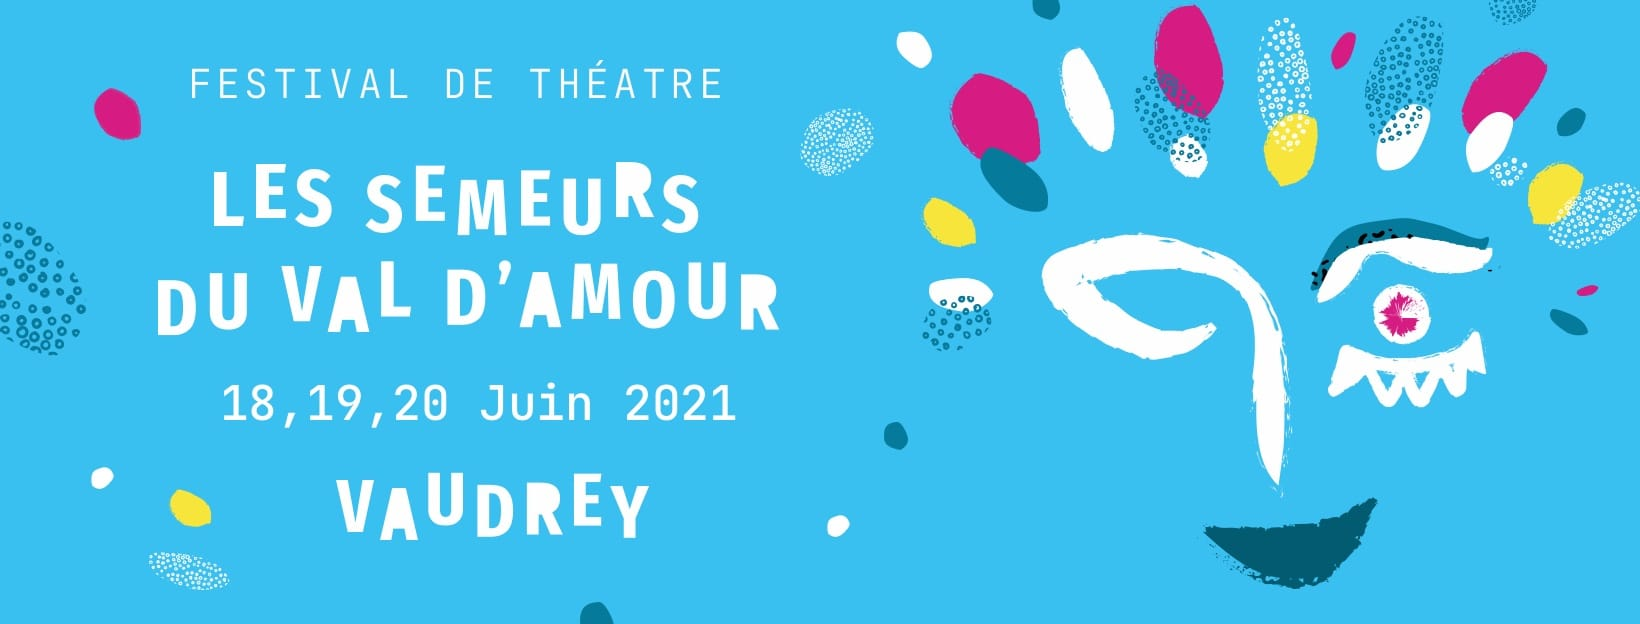 Festival Les Semeurs du Val d'Amour 2021 affiche théâtre